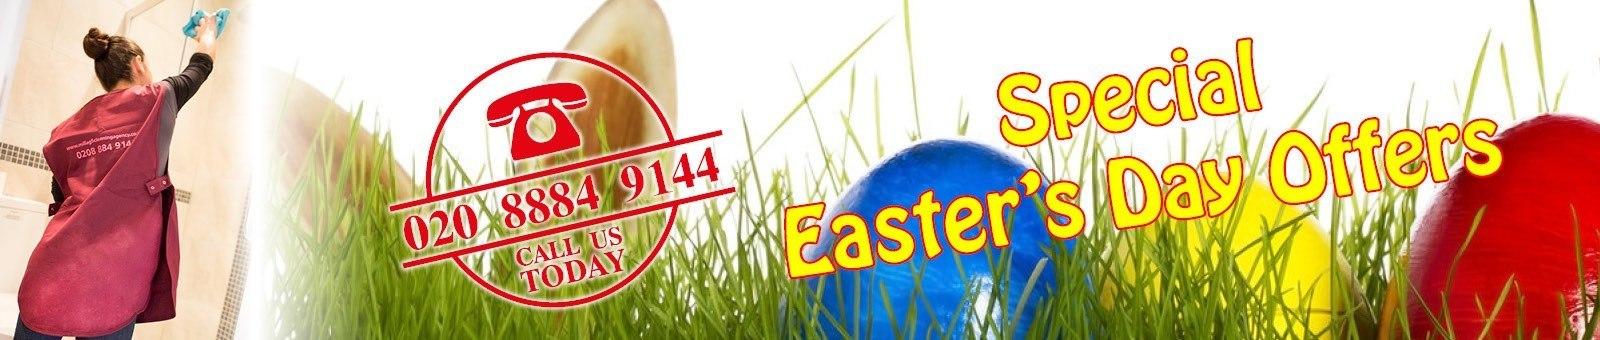 Easter Offers Slide